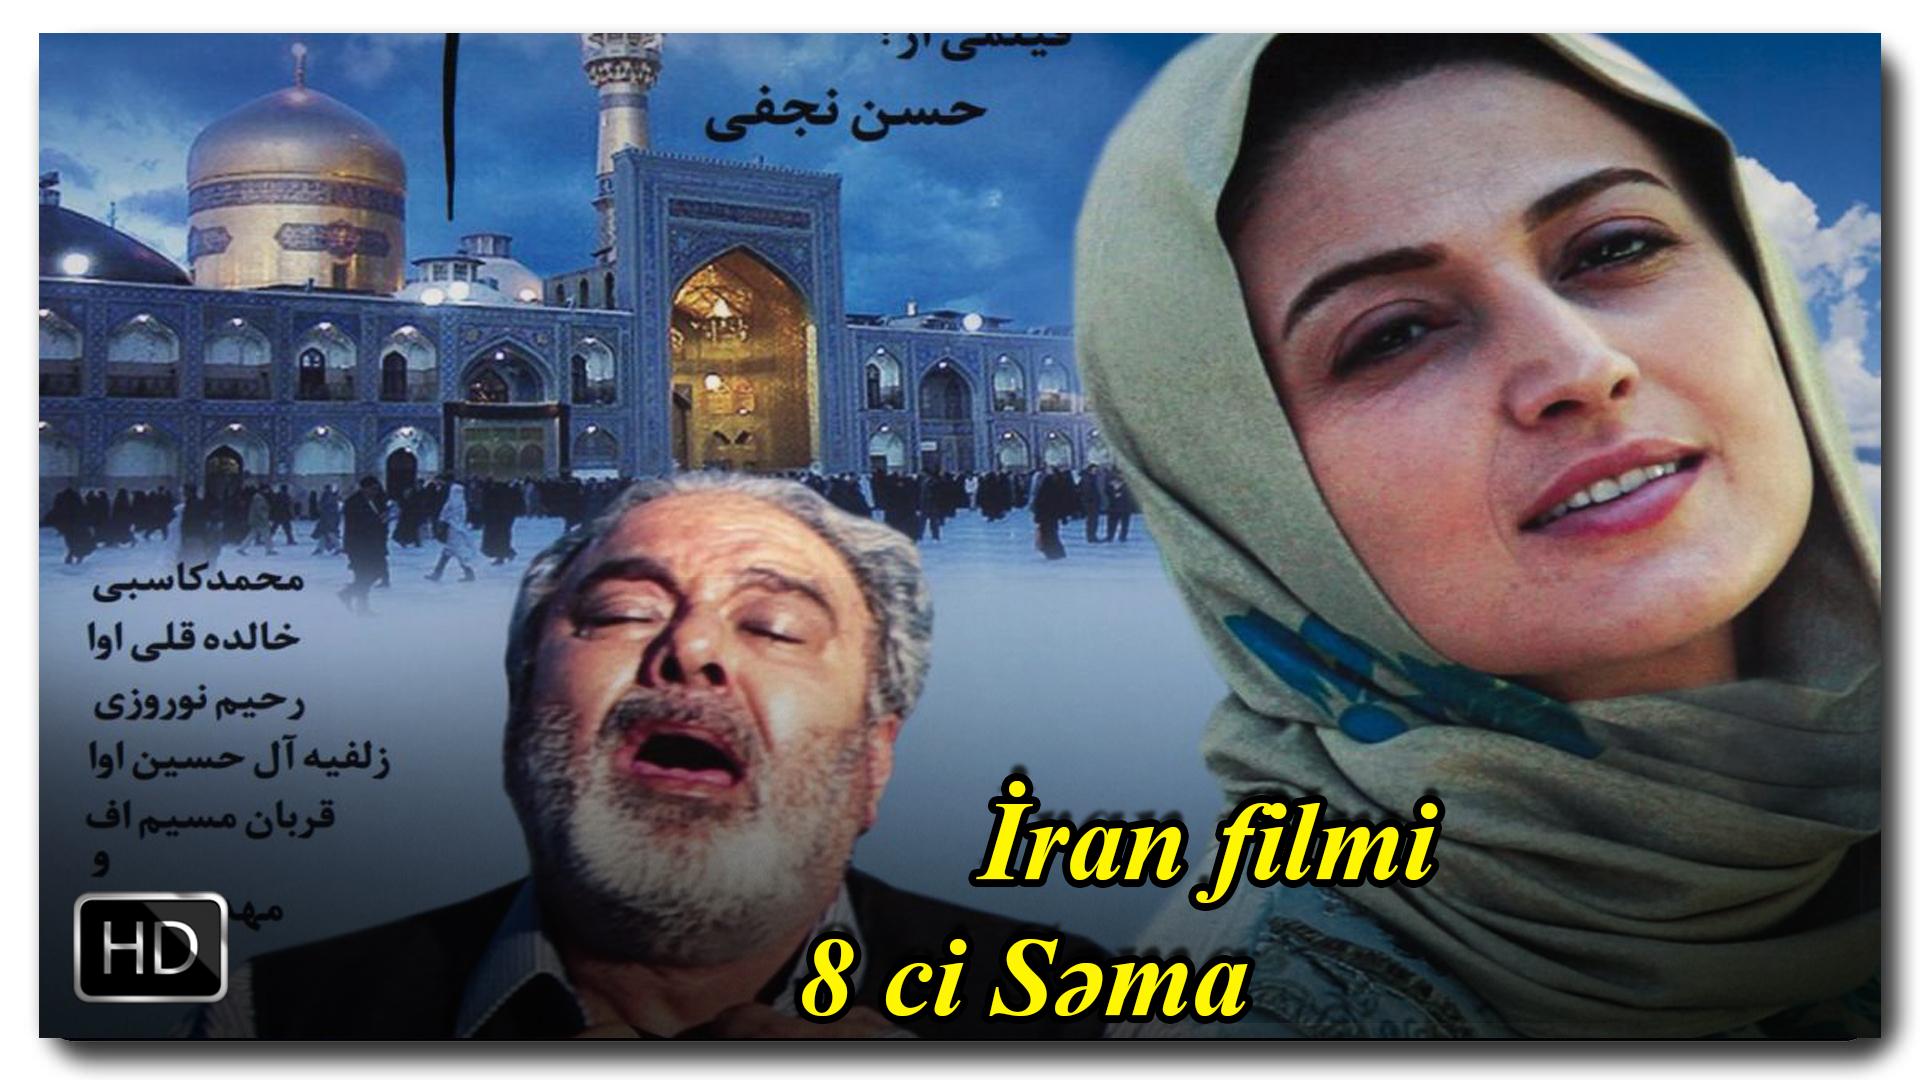 İran filmi 8-ci Səma